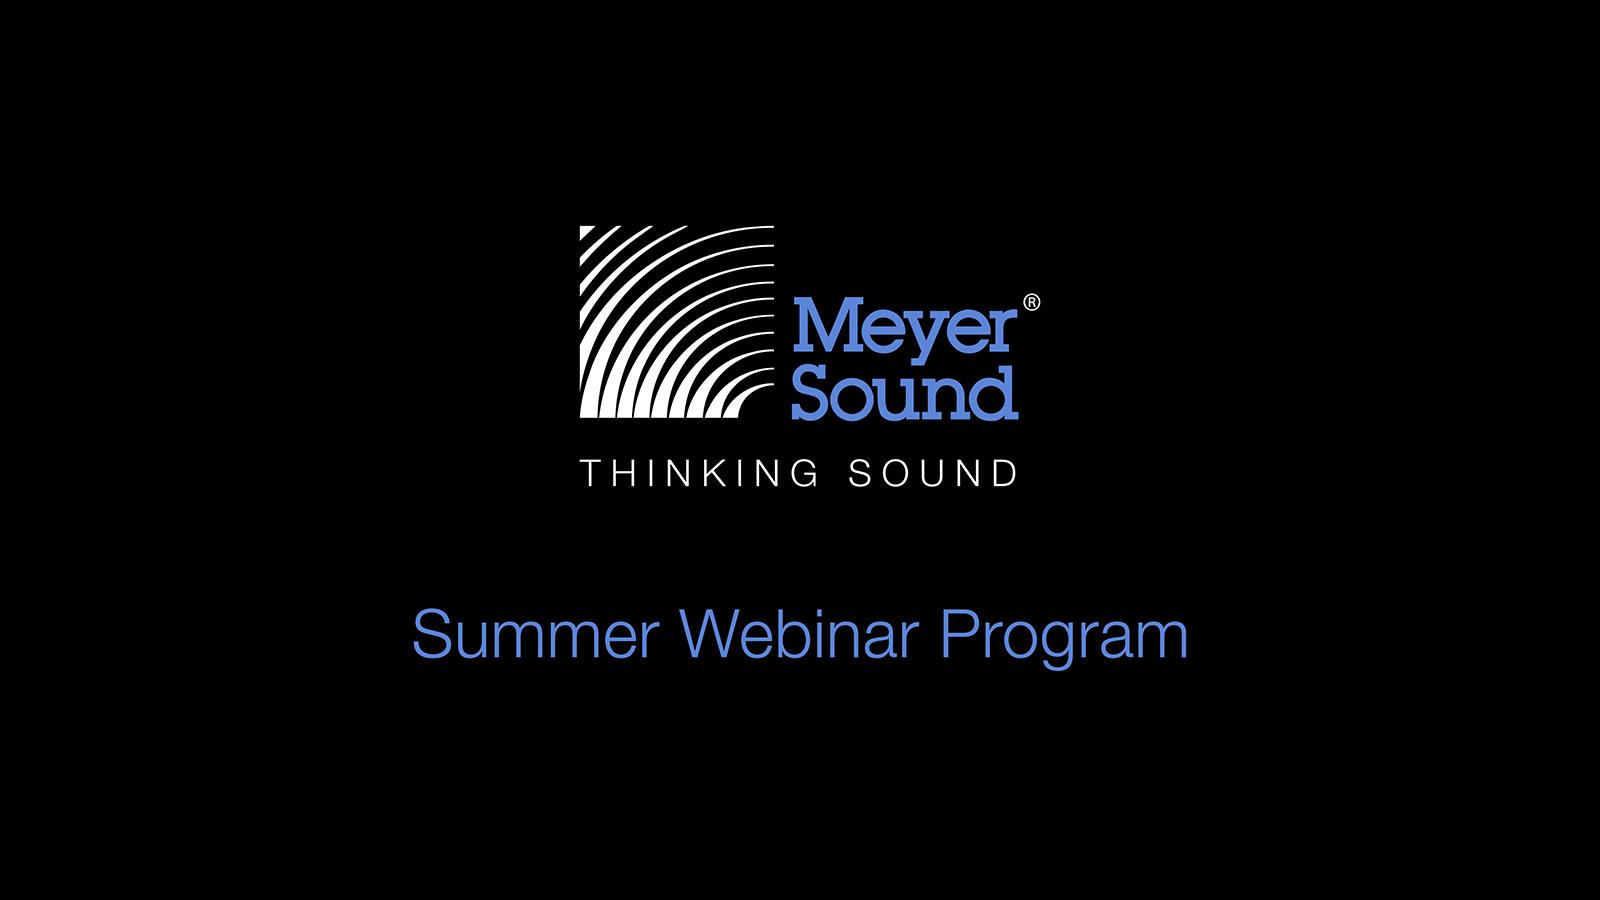 Meyer Sound запускает программу летних вебинаров